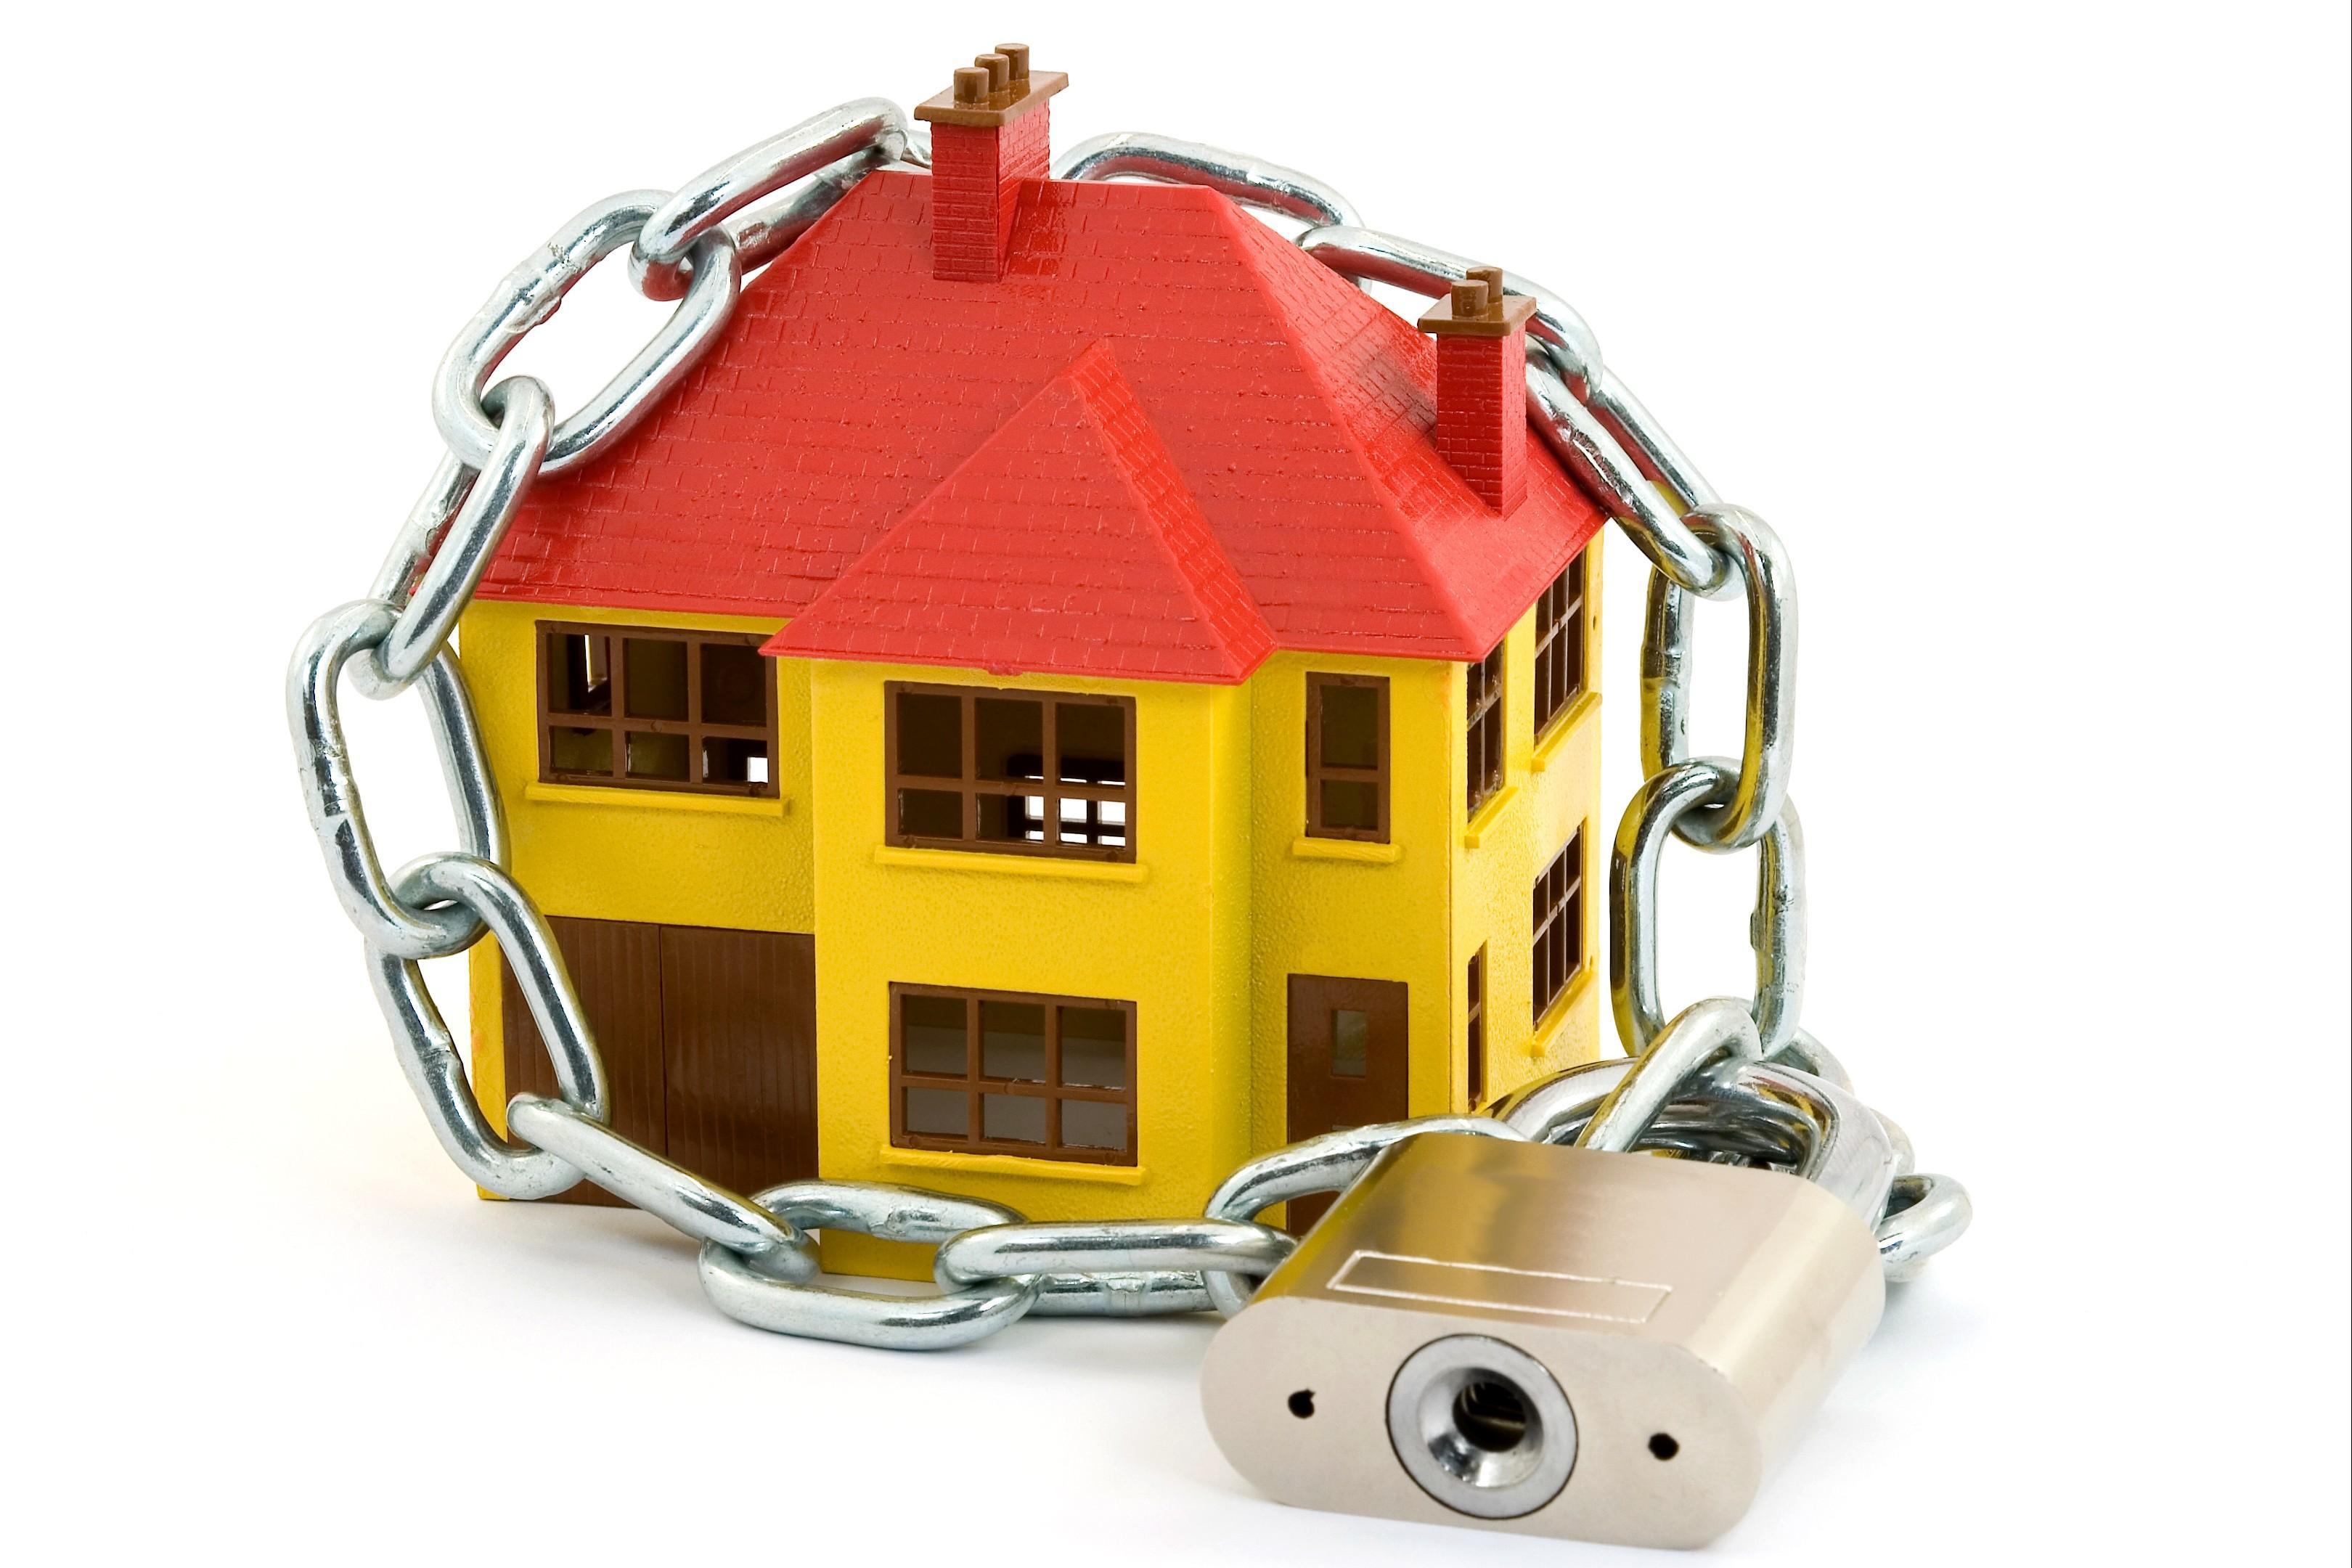 Come scegliere il migliore impianto di allarme antifurto - Antifurto casa consigli ...